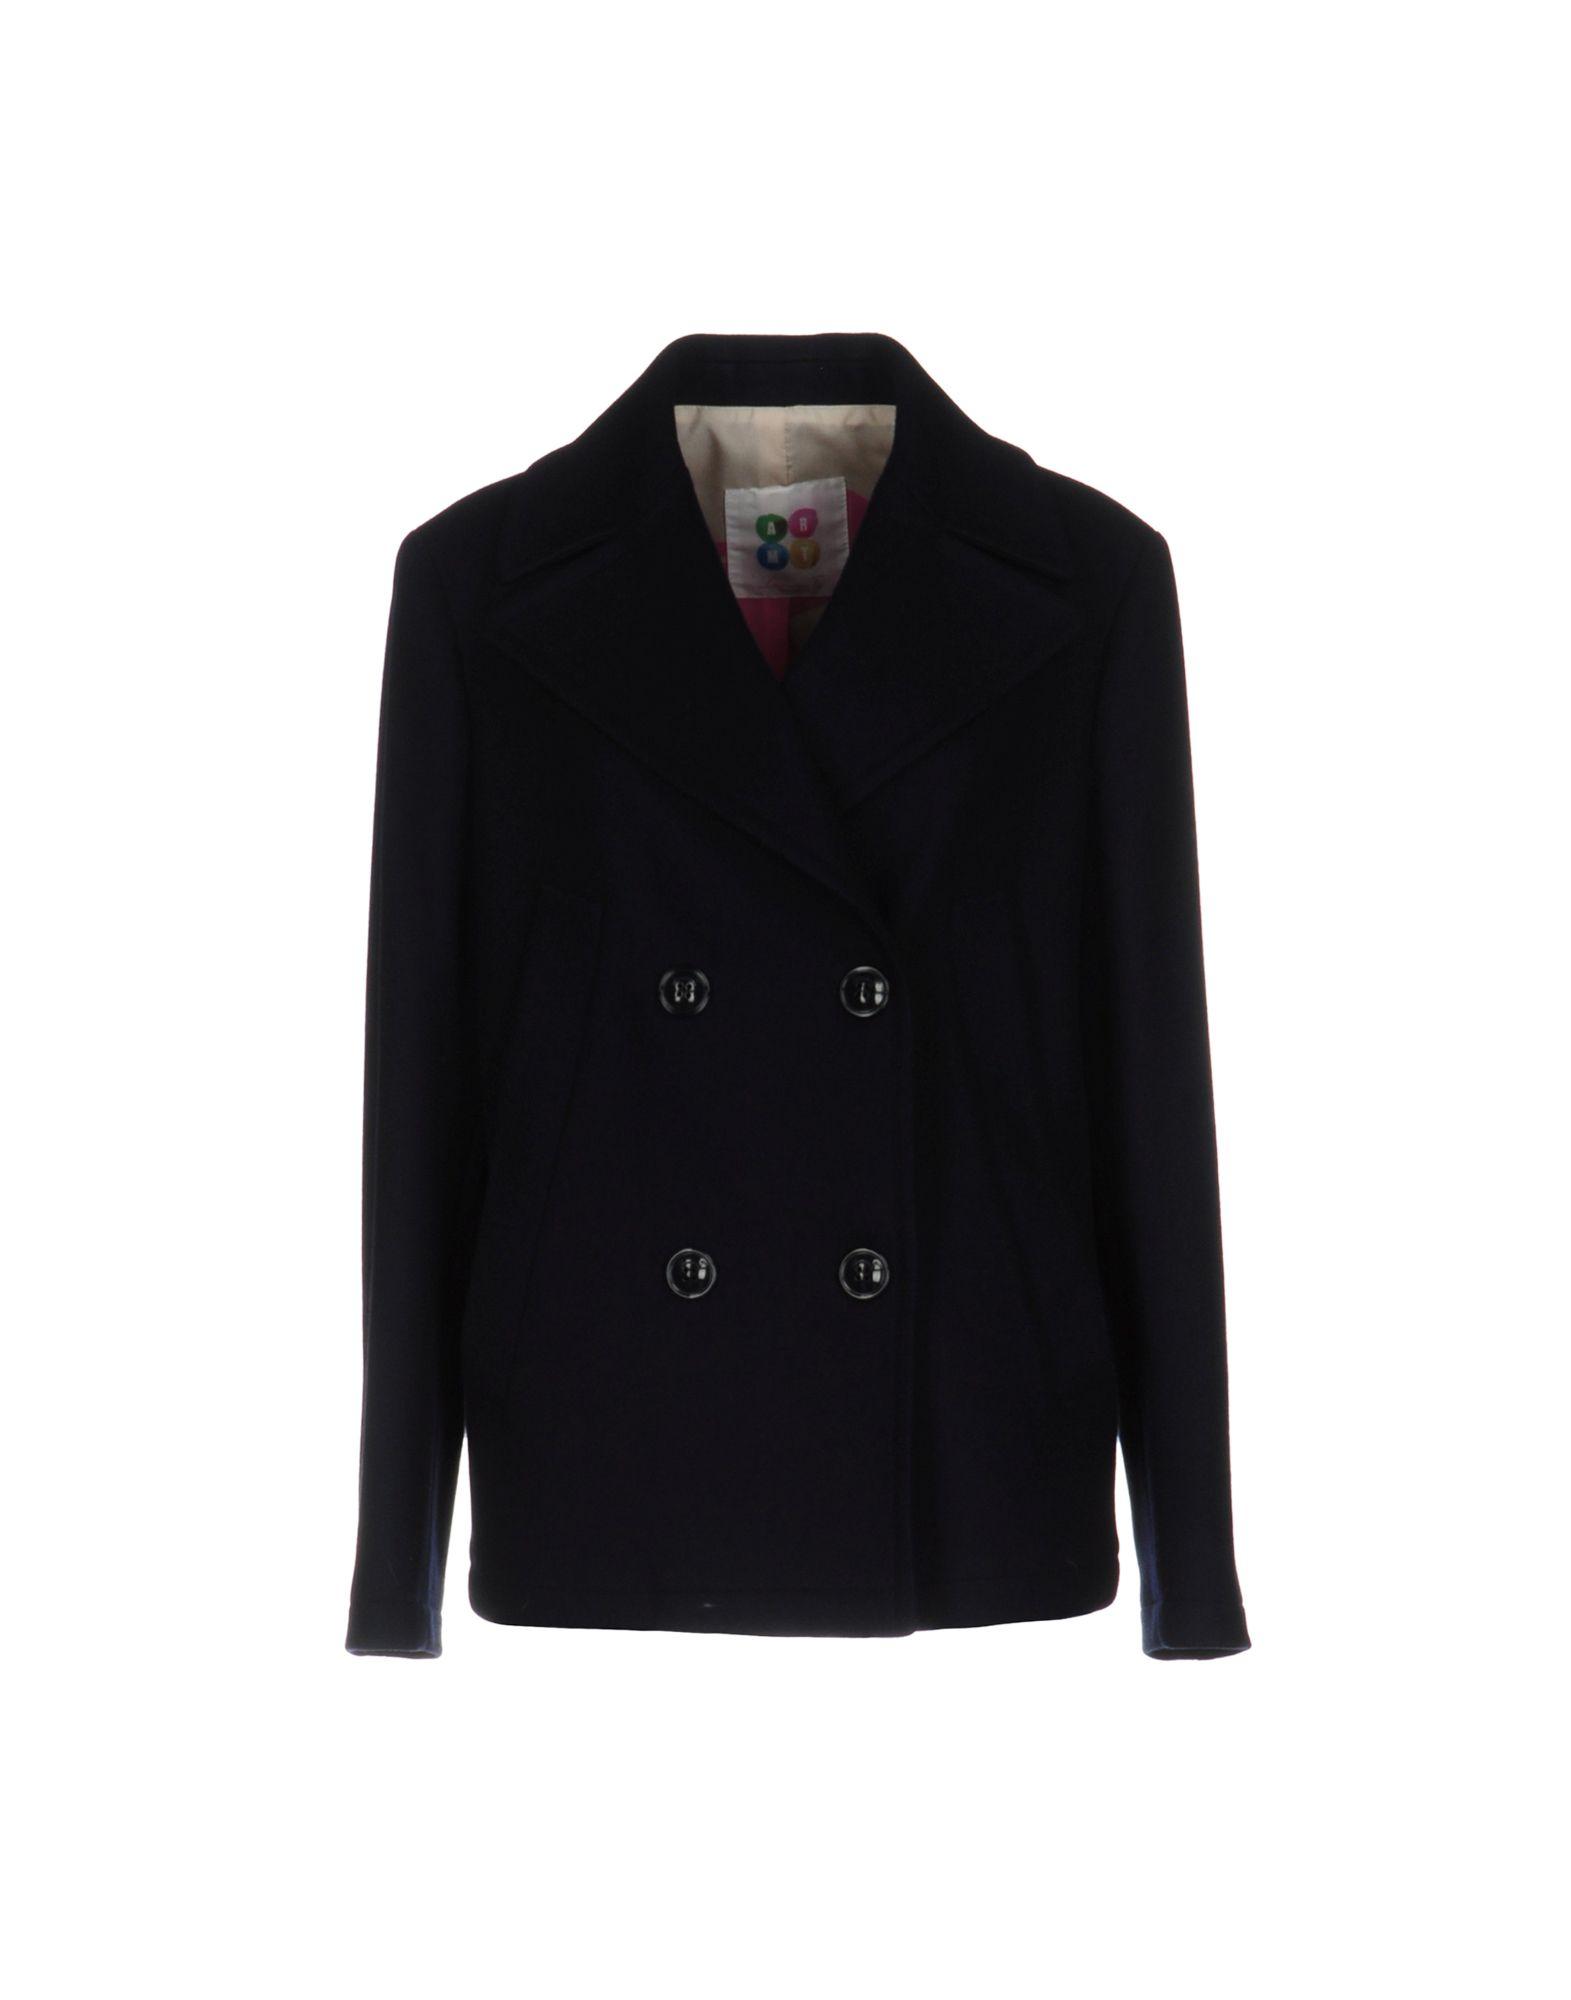 ARMT L'ARMOIRE T. Пальто 57 t пальто